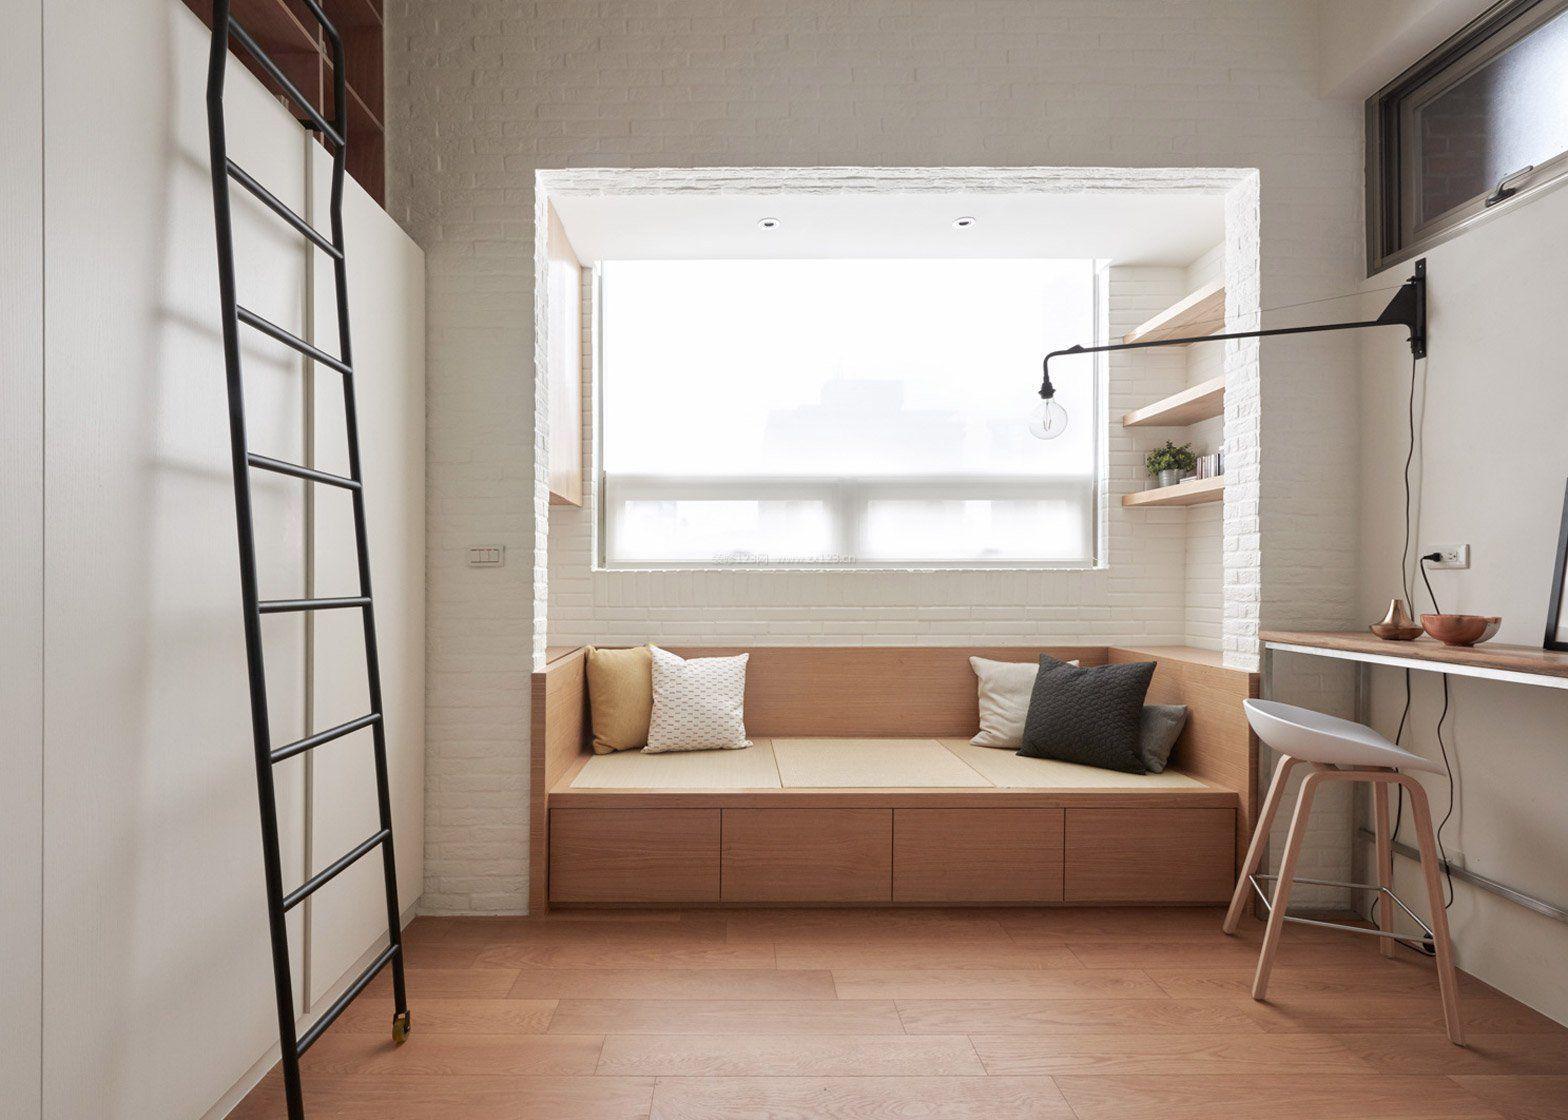 6平米小房间榻榻米客厅装修效果图